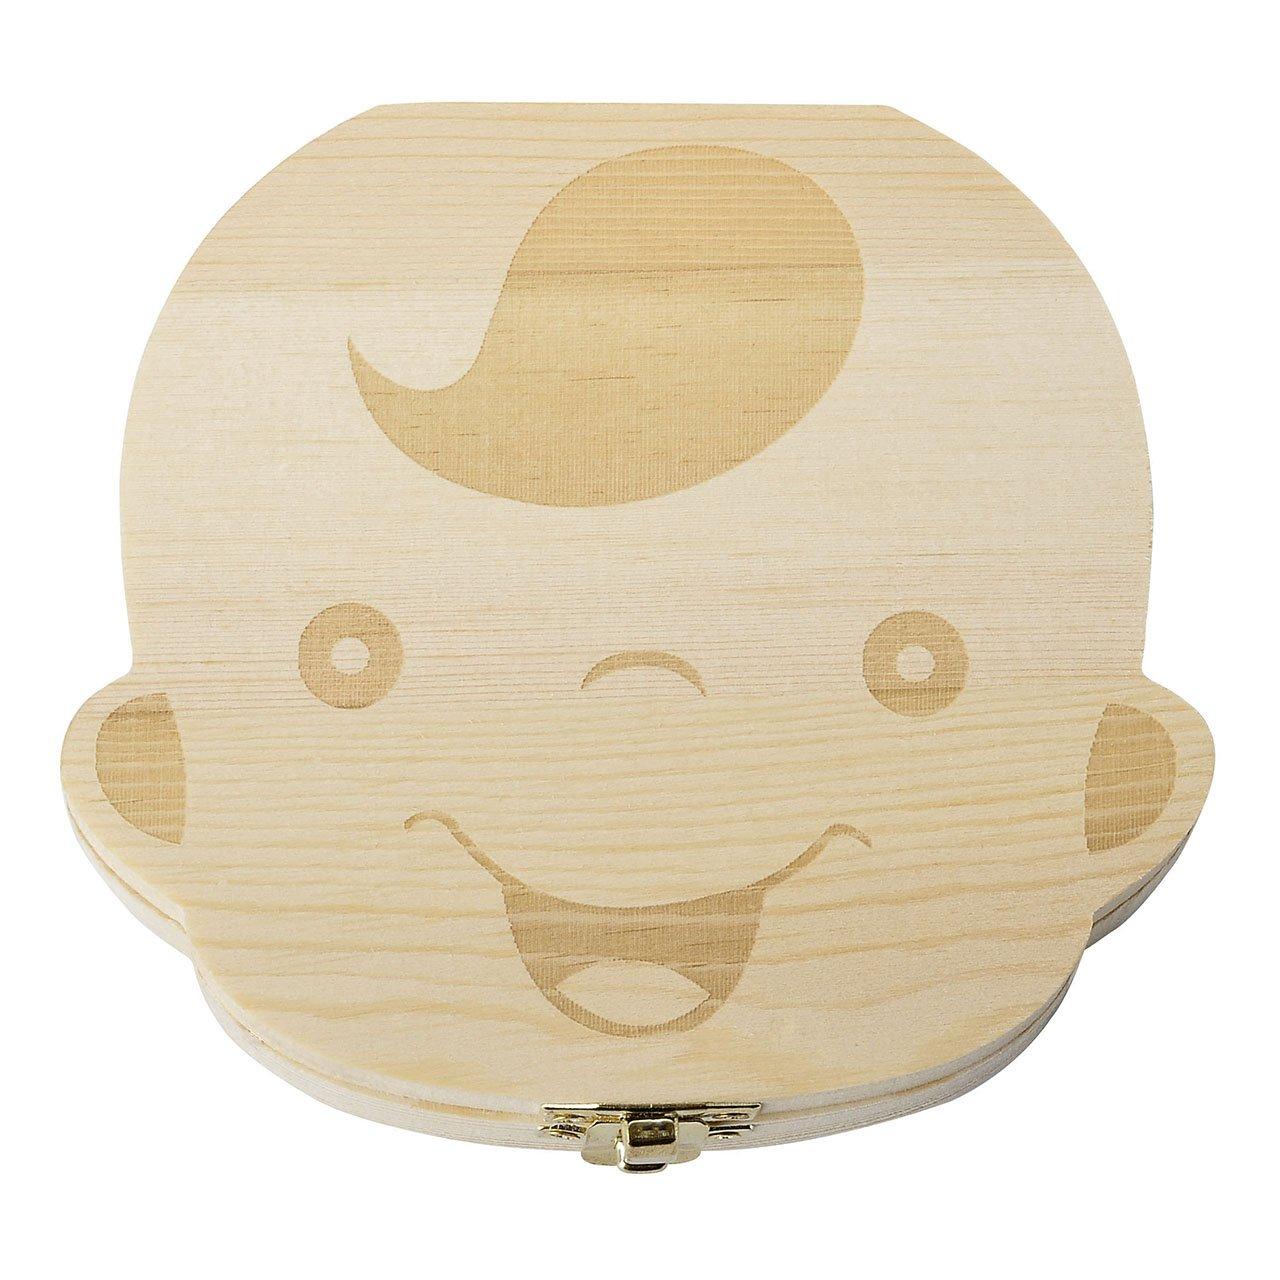 Junge Mogokoyo Deutsch Version baby Kinder Original Holz Haar Milchzahndose Milchz/ähne Z/ähne box Kasten Souvenir Aufbewahrungsbox